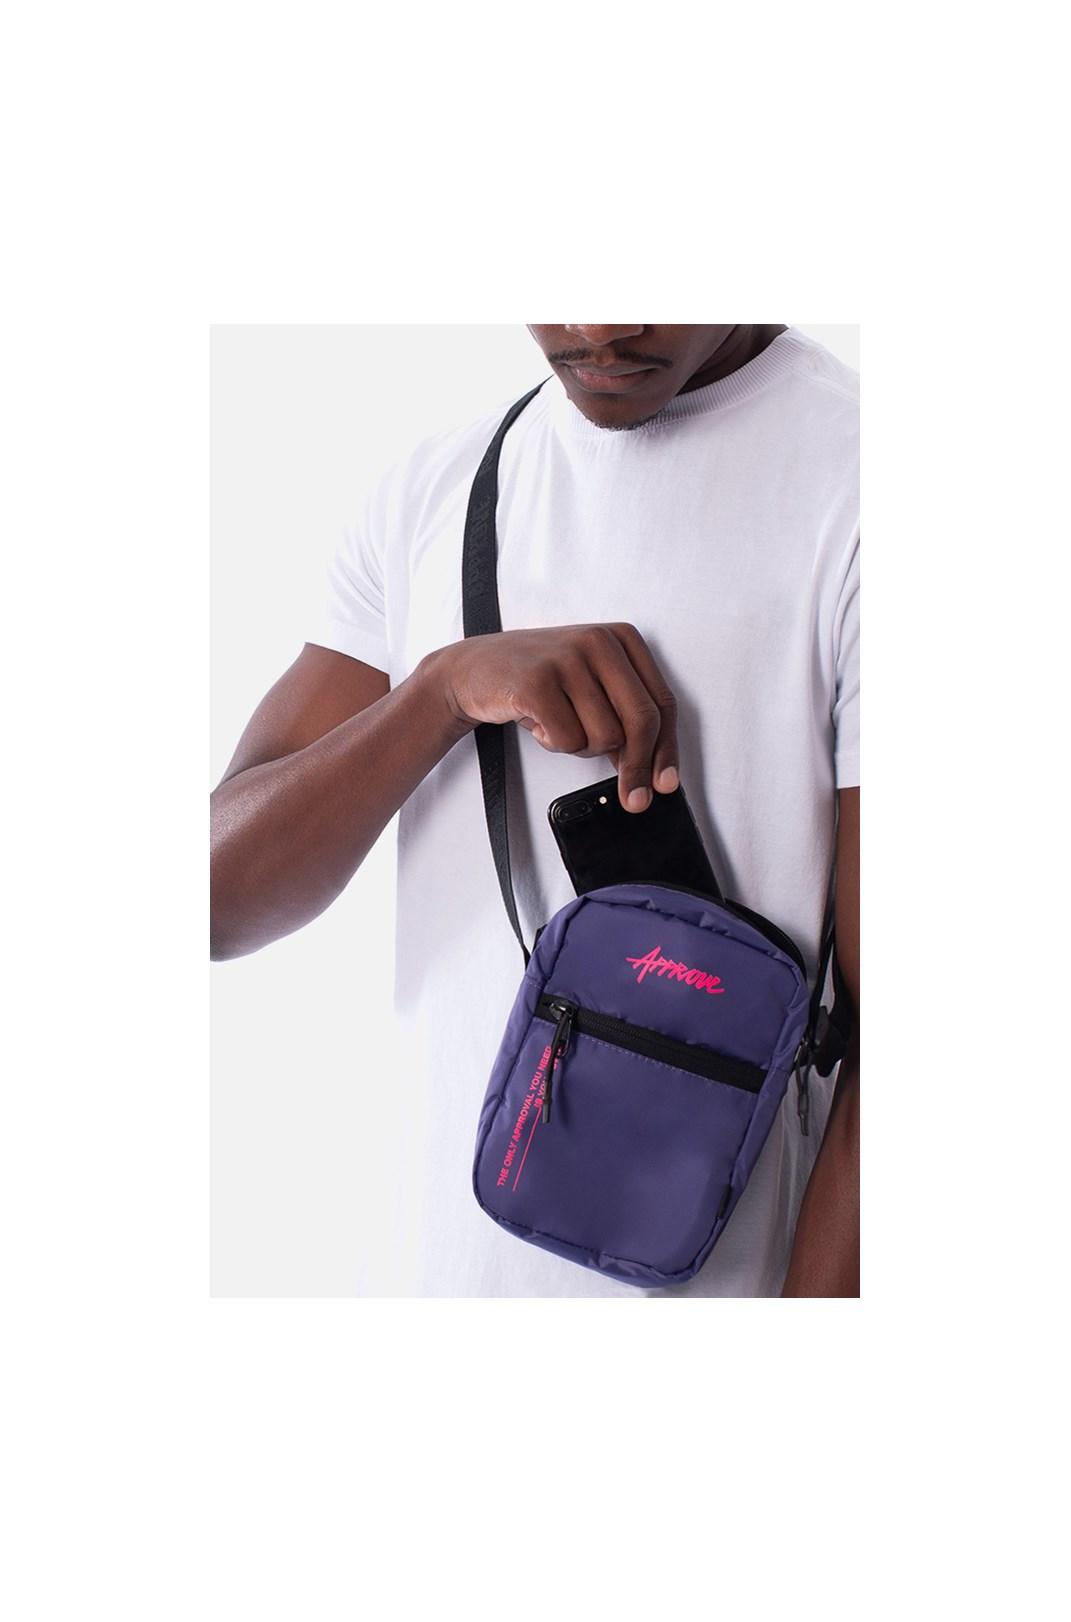 Shoulder Bag Approve Techtype Roxa